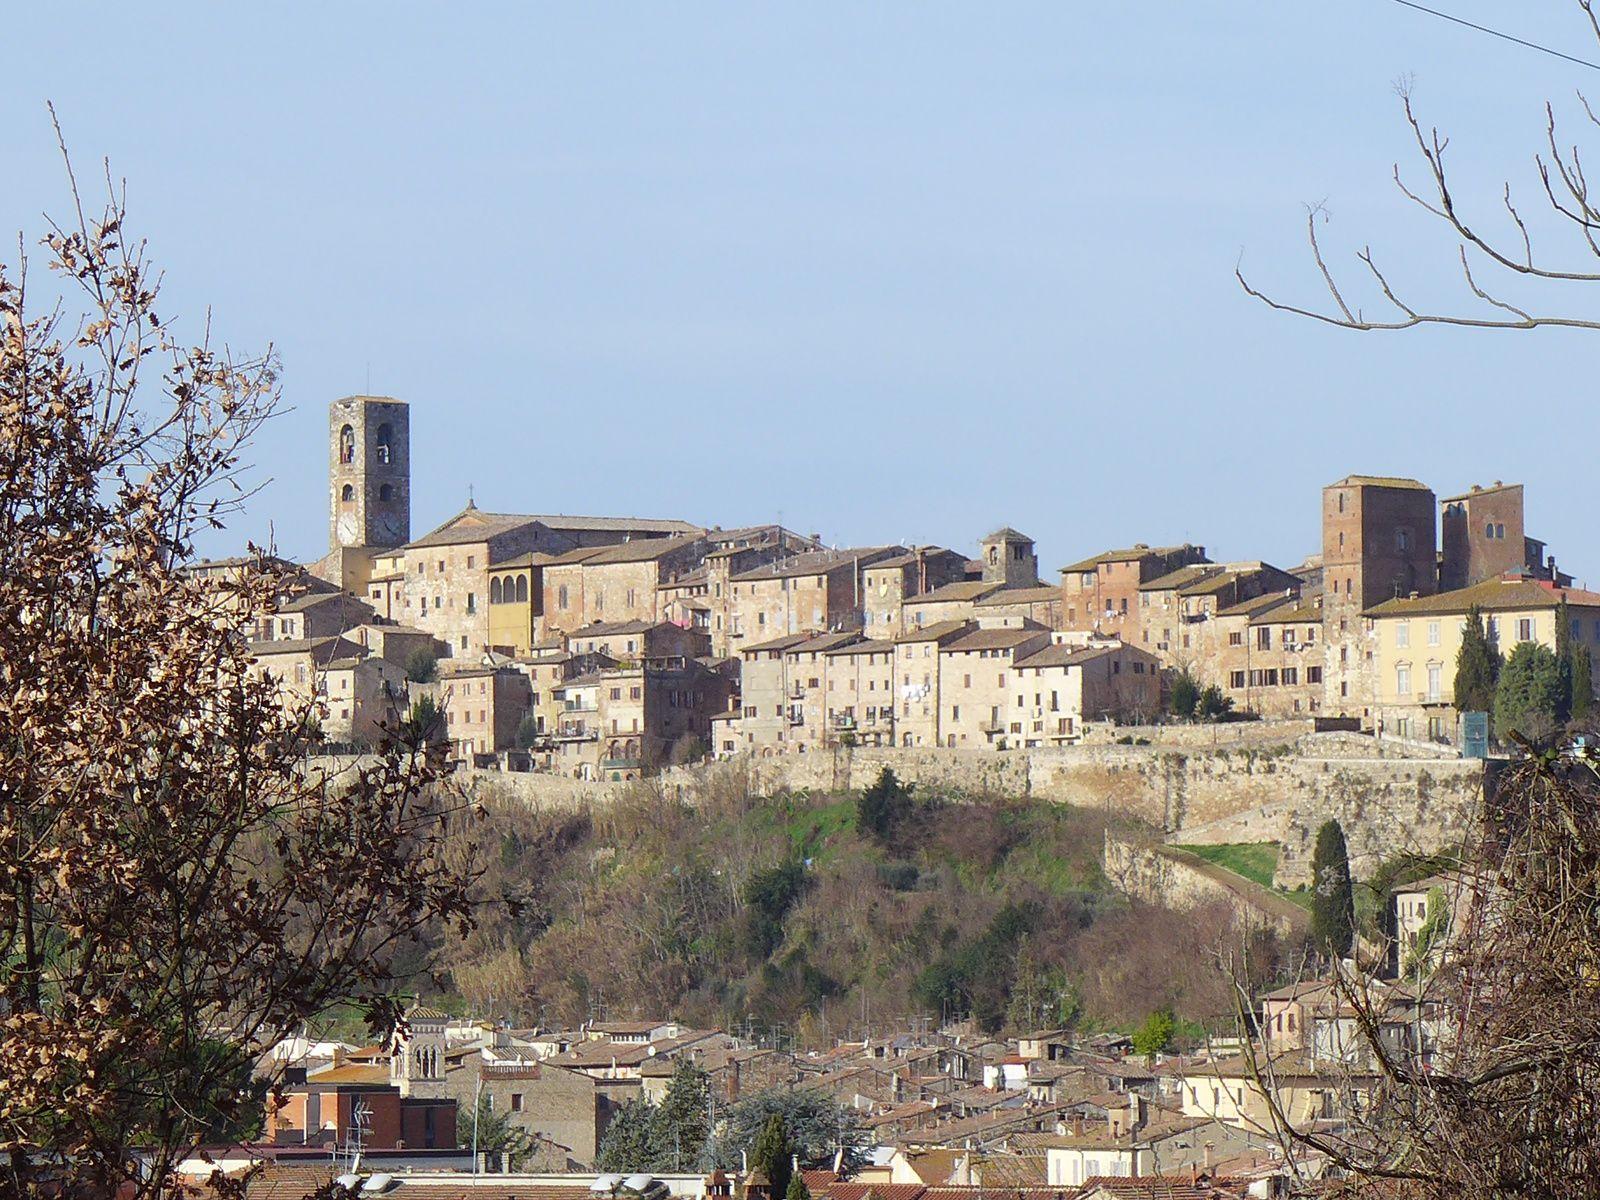 De Sienne à Montemarcello